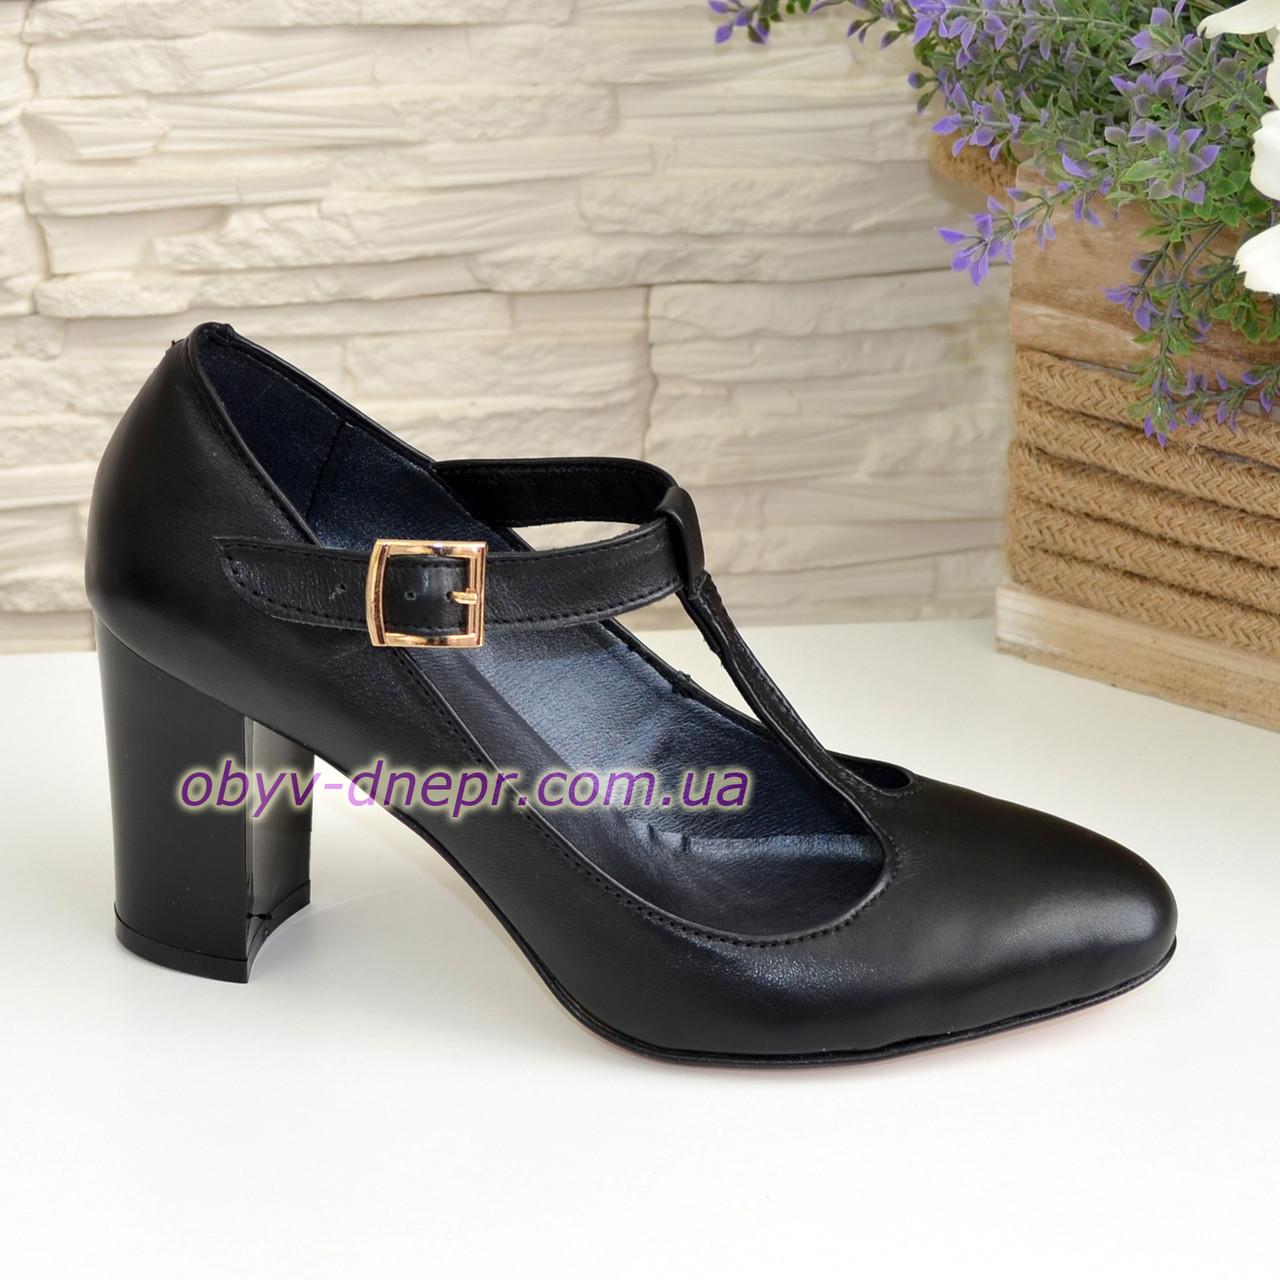 Туфли женские кожаные на устойчивом каблуке, цвет черный